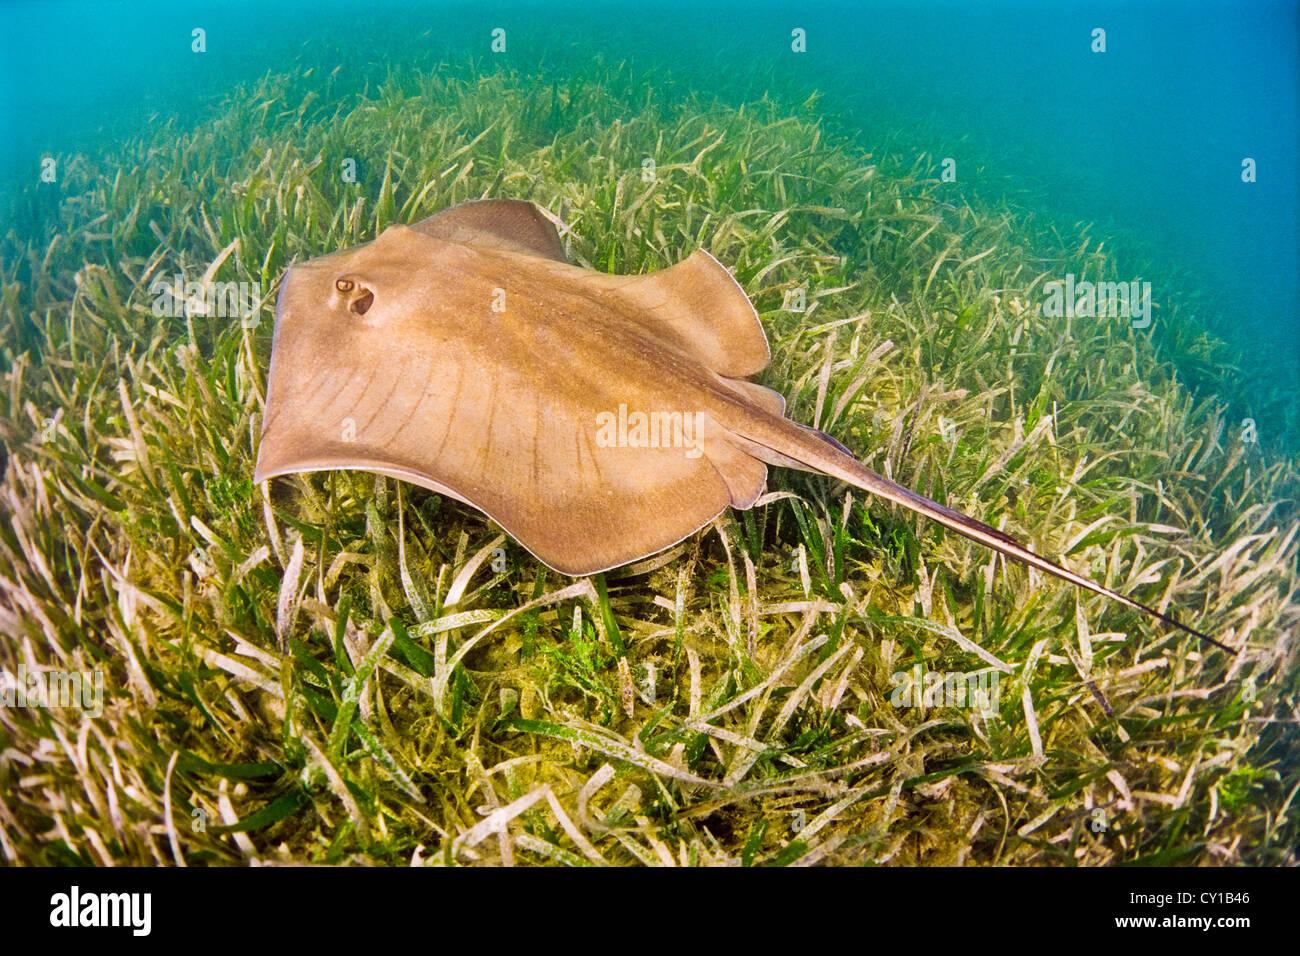 Le sud de pastenague Dasyatis americana, Biscayne Bay, Florida, USA Photo Stock